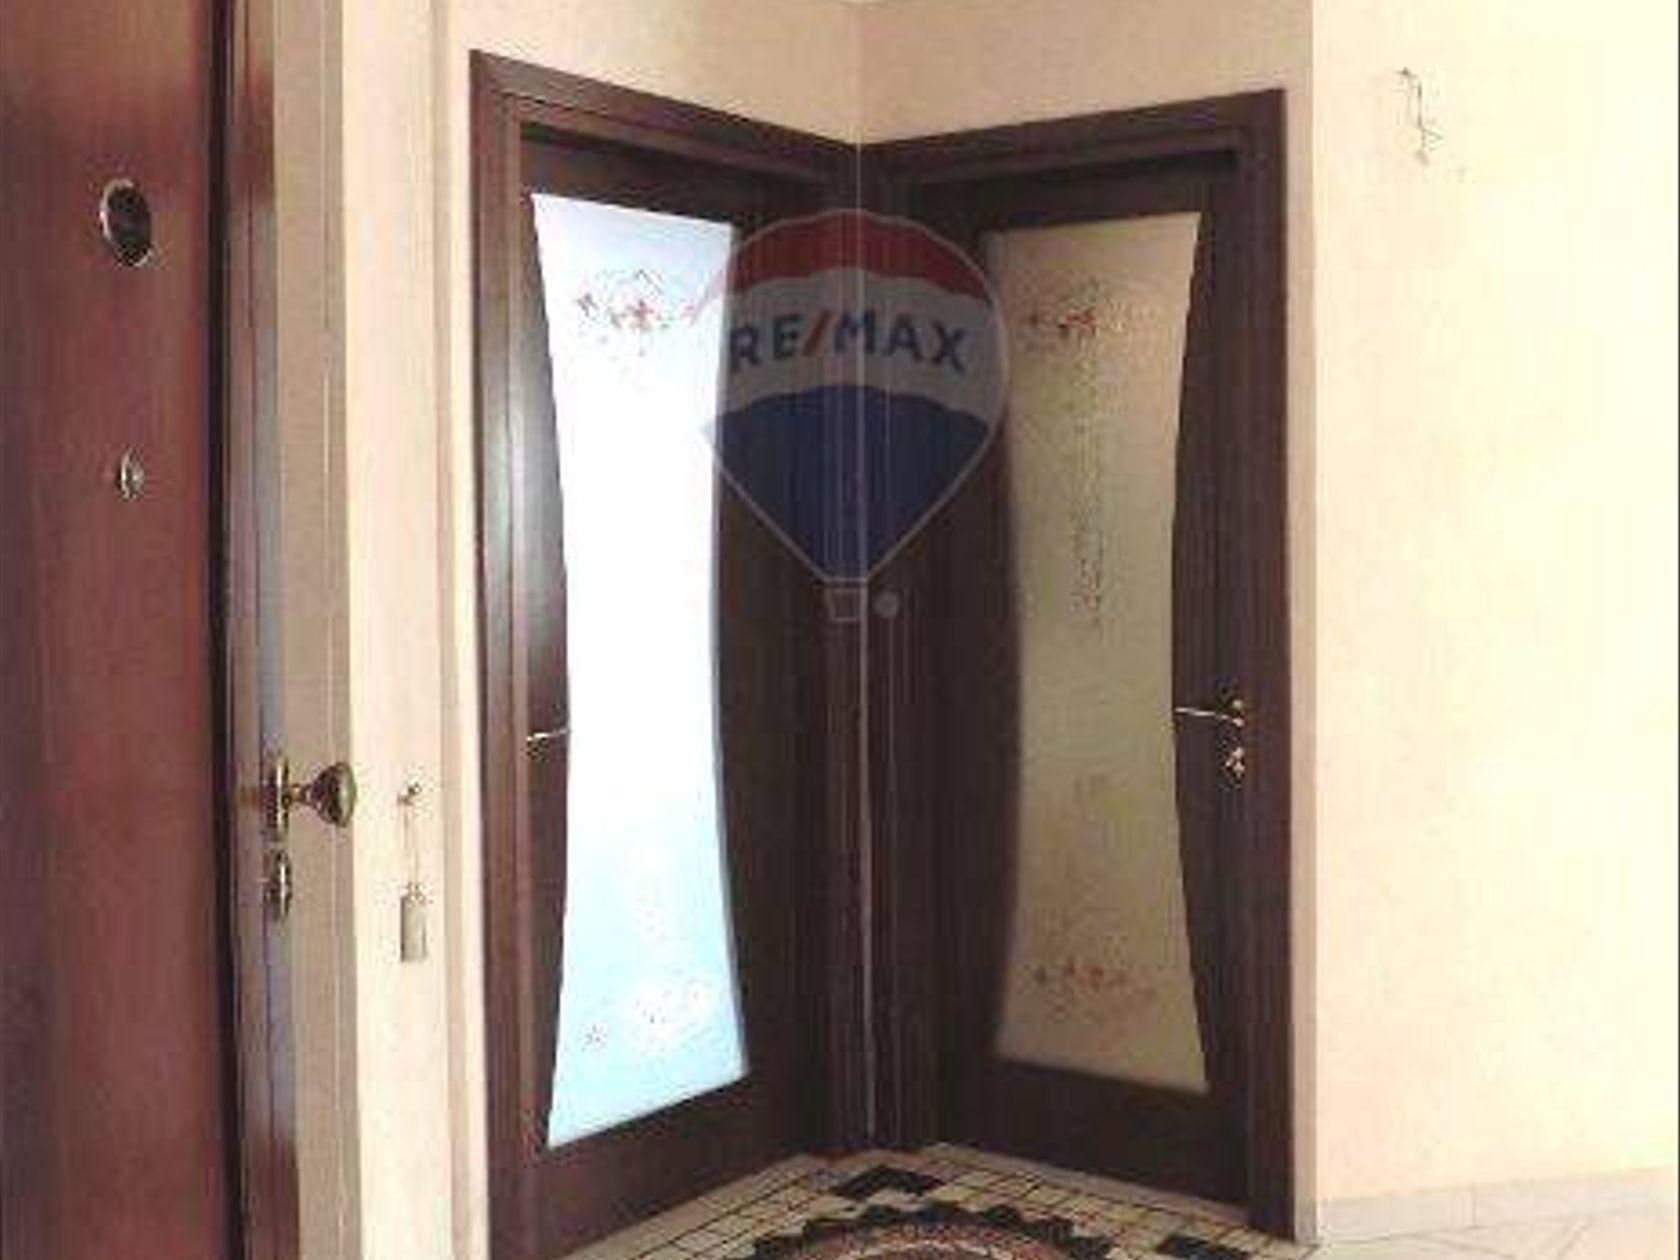 Appartamento Genneruxi, Cagliari, CA Vendita - Foto 4